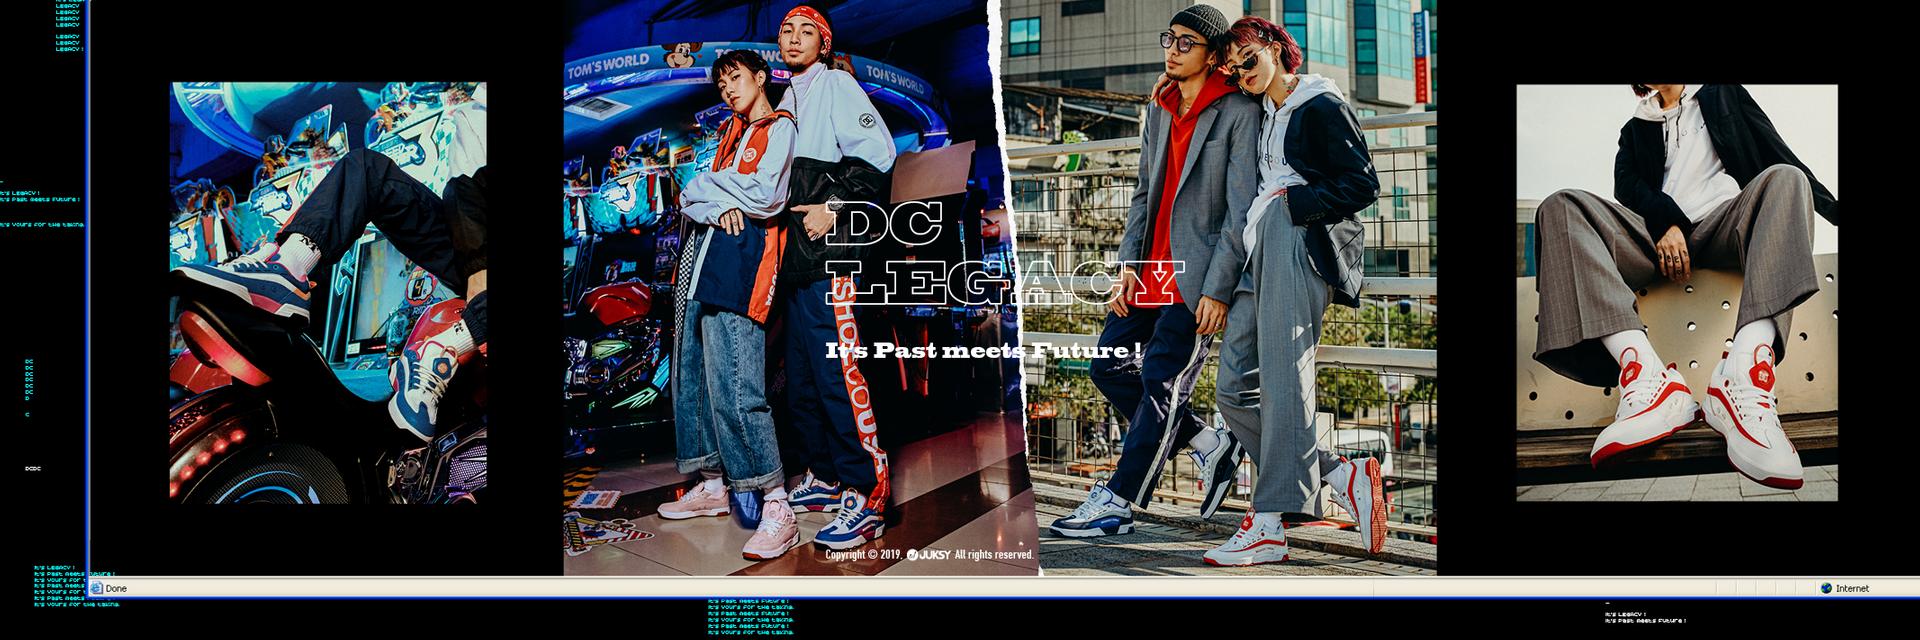 經典再現|從九零到今代 DC SHOES 不滅!街頭潮人演繹復刻鞋款 LEGACY,25 週年持續攻佔!